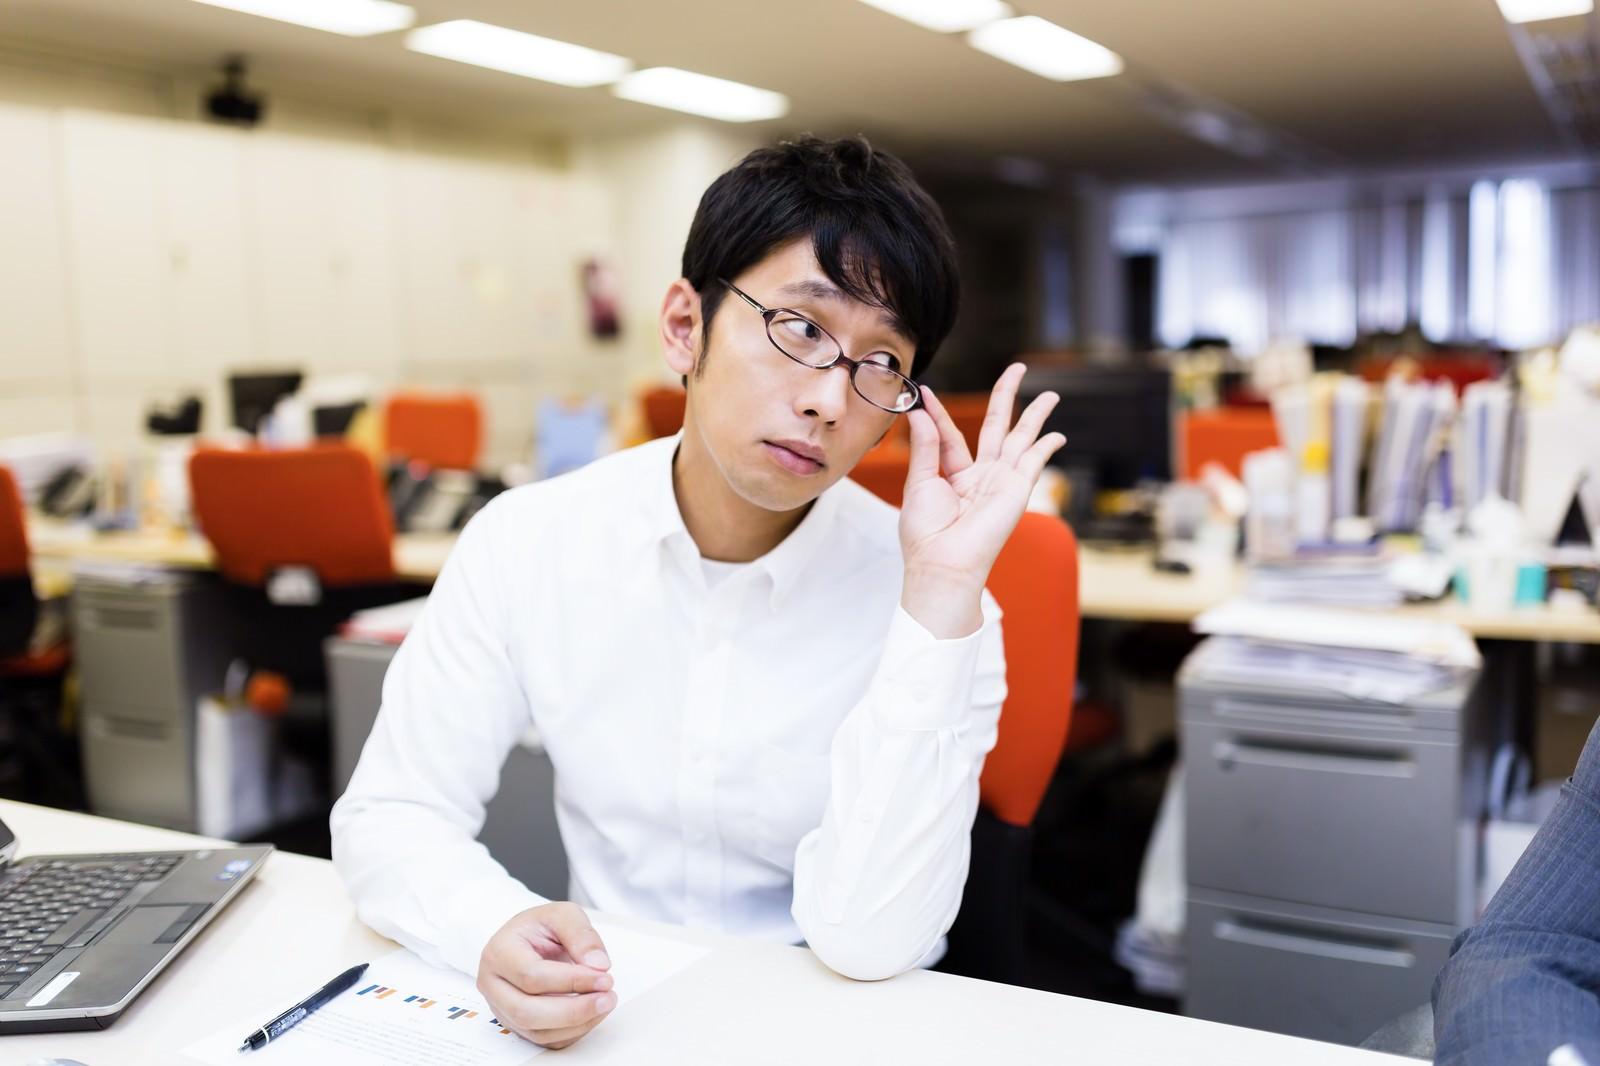 「部下のミスをねちねちと指摘する姑のような上司」の写真[モデル:大川竜弥]